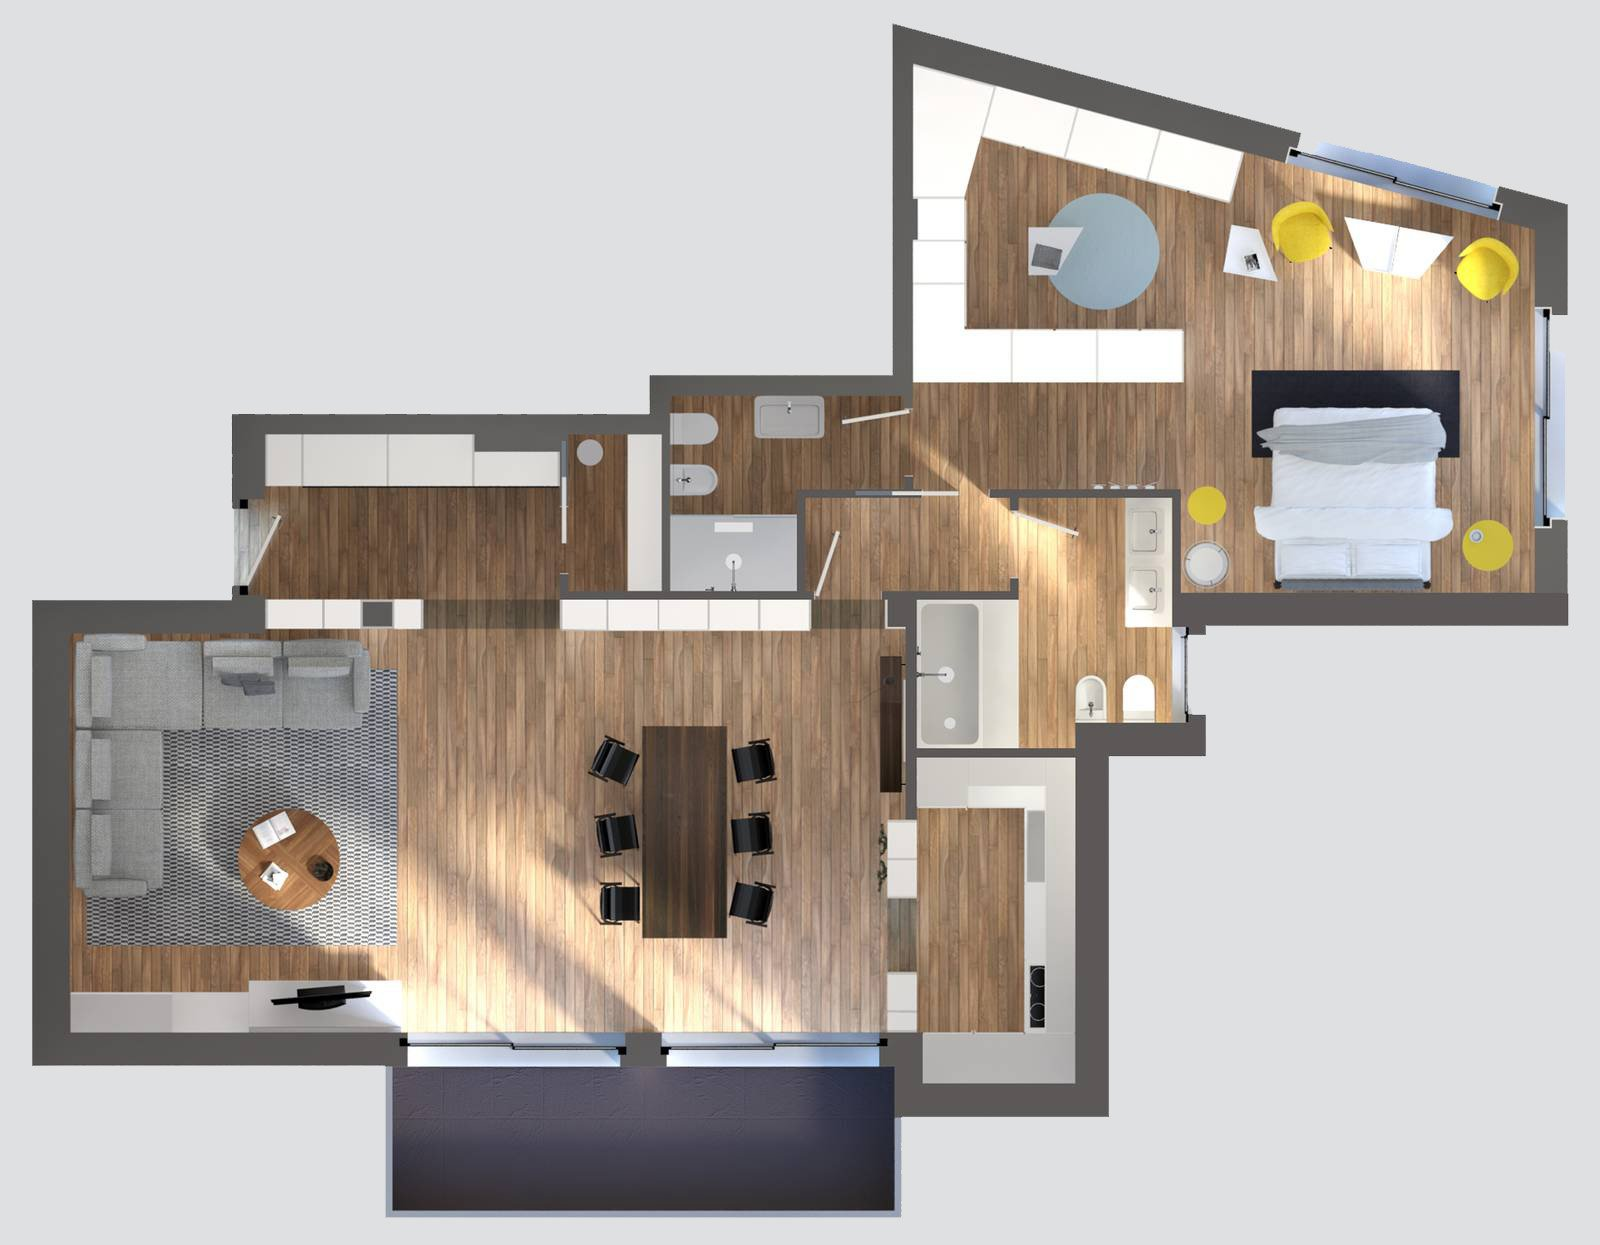 Spazi difficili un progetto per risolverli al meglio con for Soluzioni arredo casa